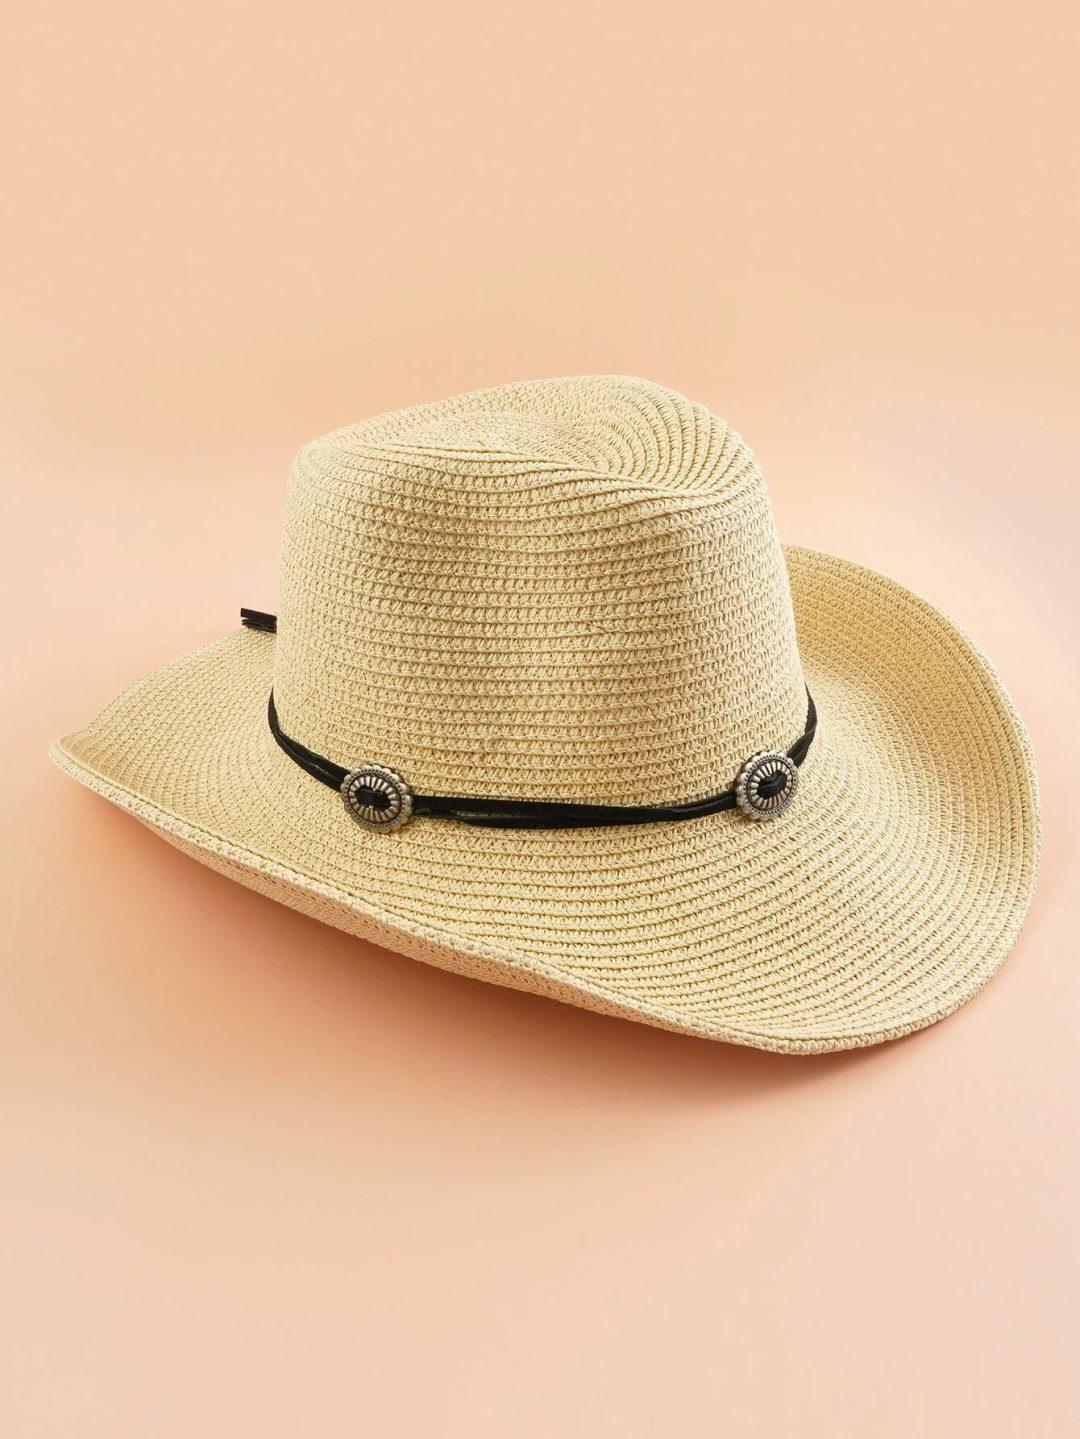 Cute straw cowboy hat